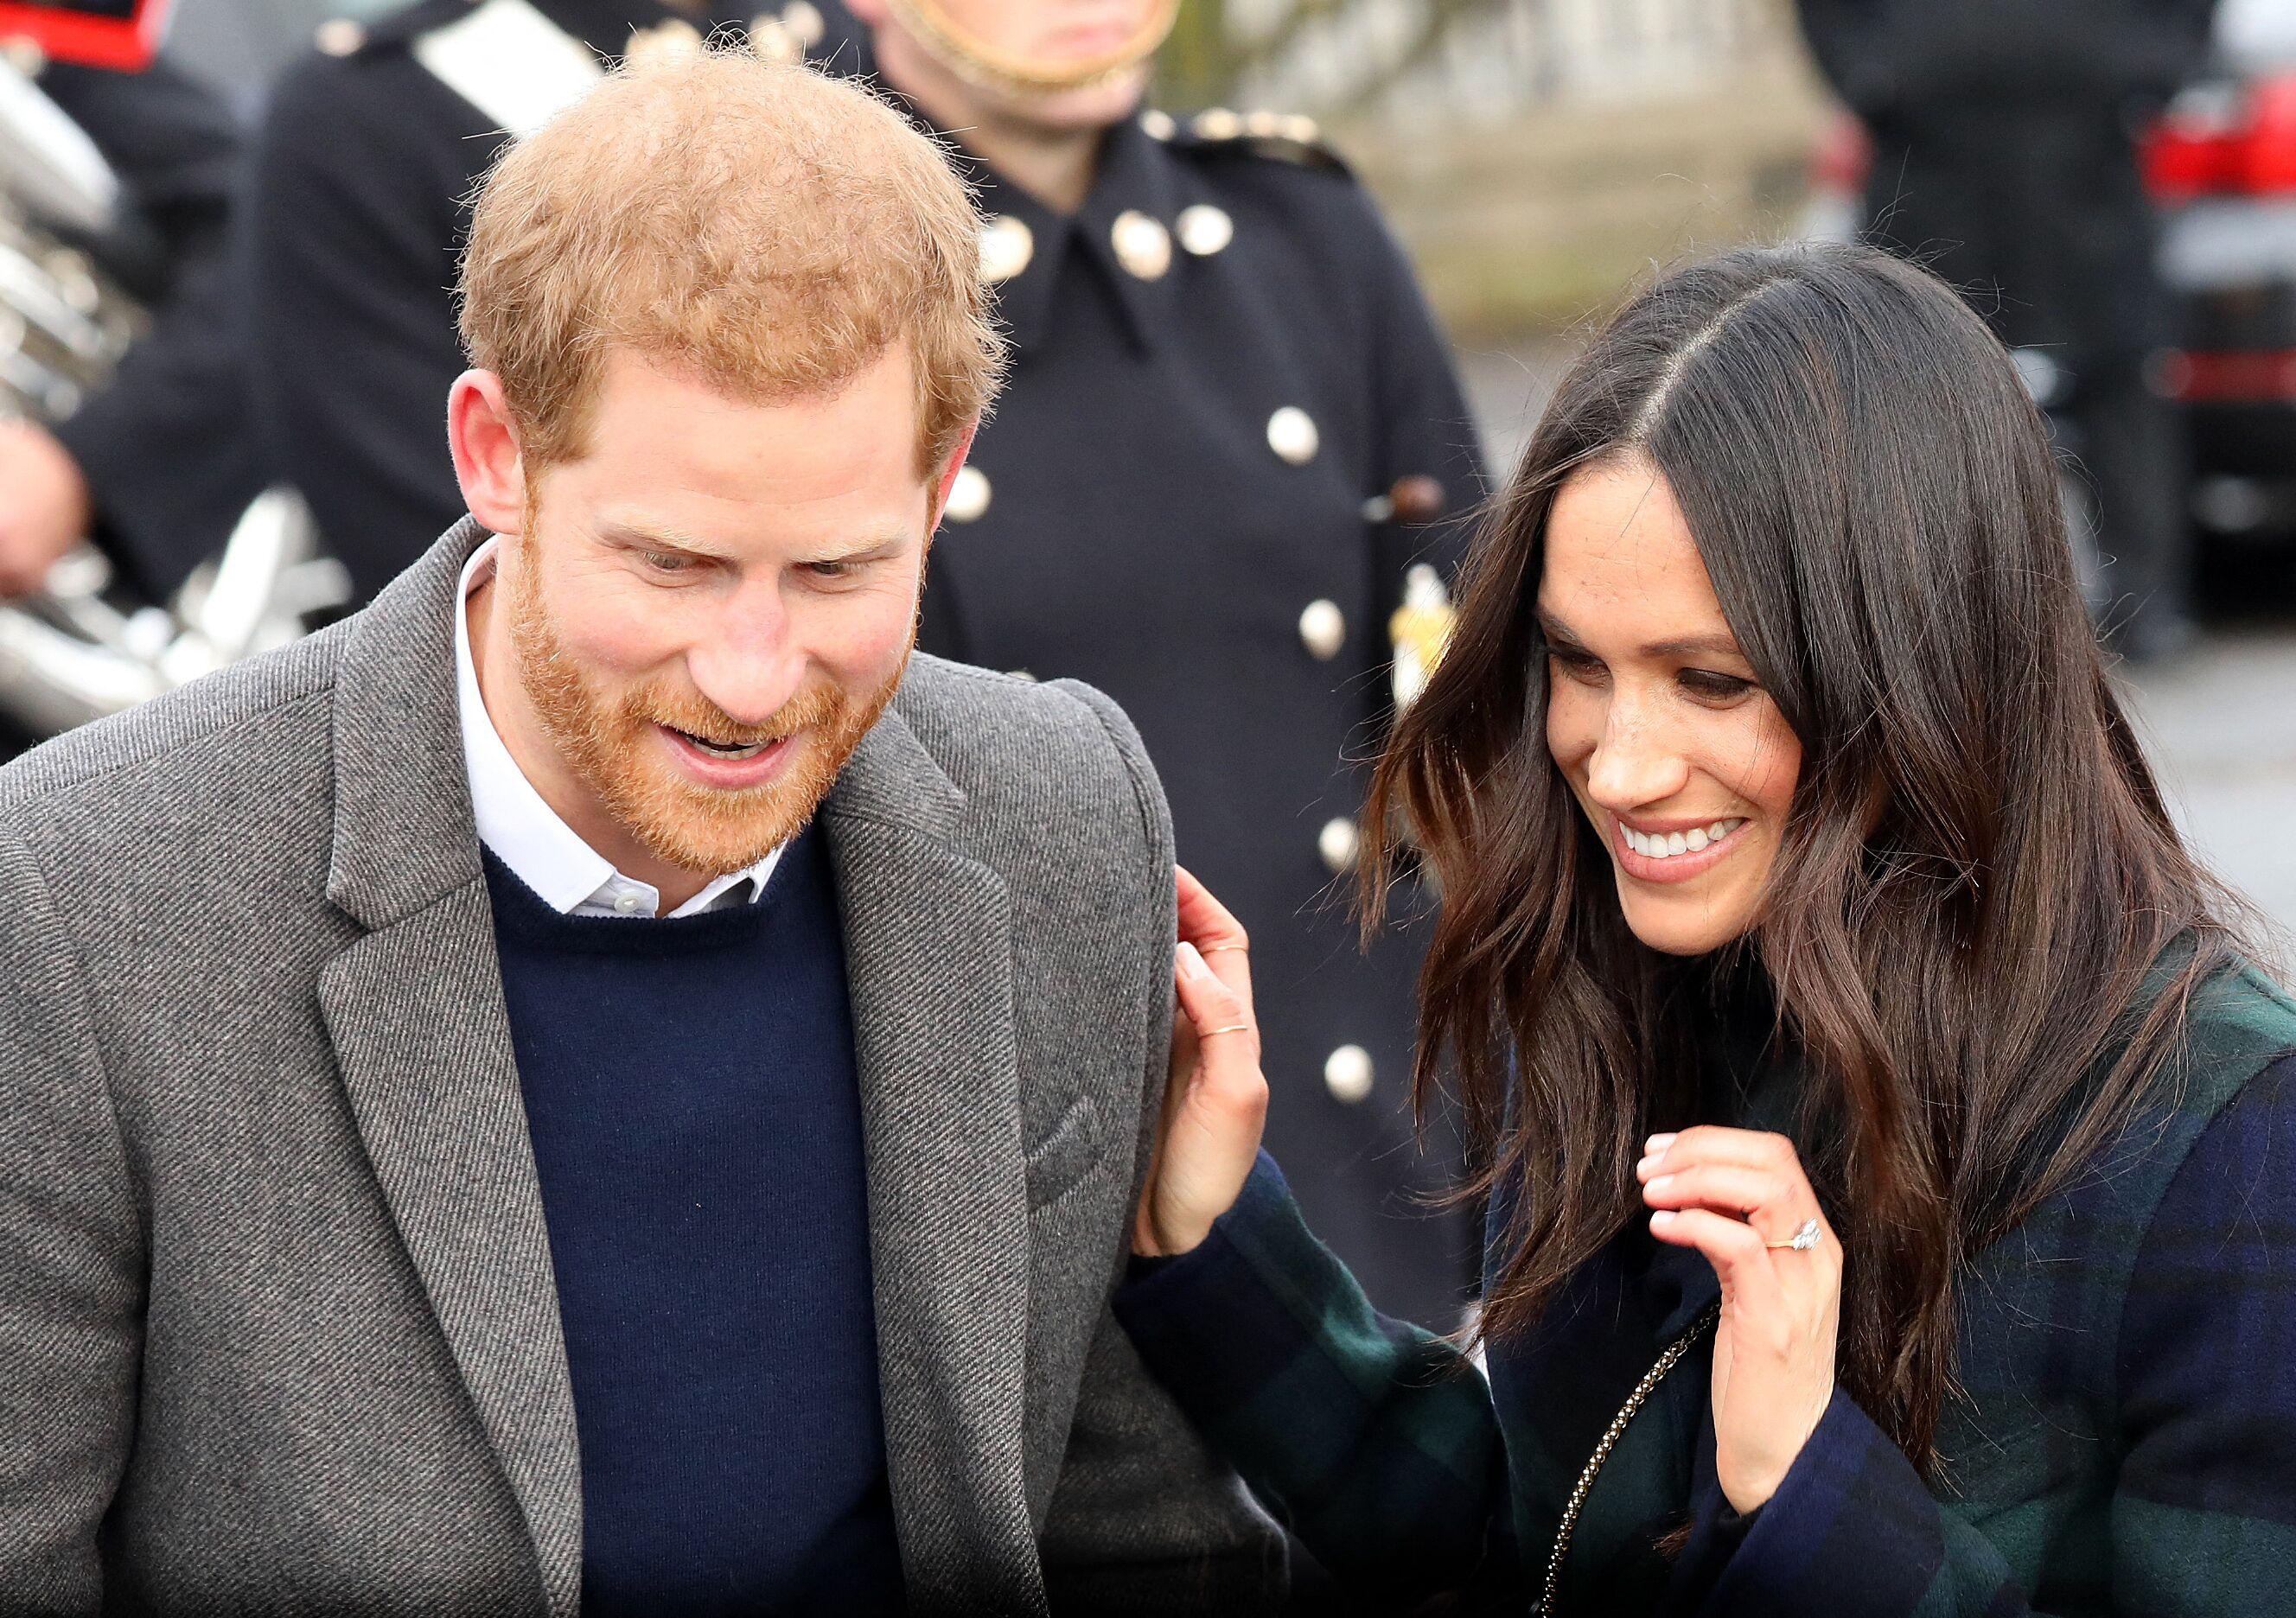 Meghan Markle retirée de la famille royale : son père, incroyablement déçu, l'attaque à la télévision